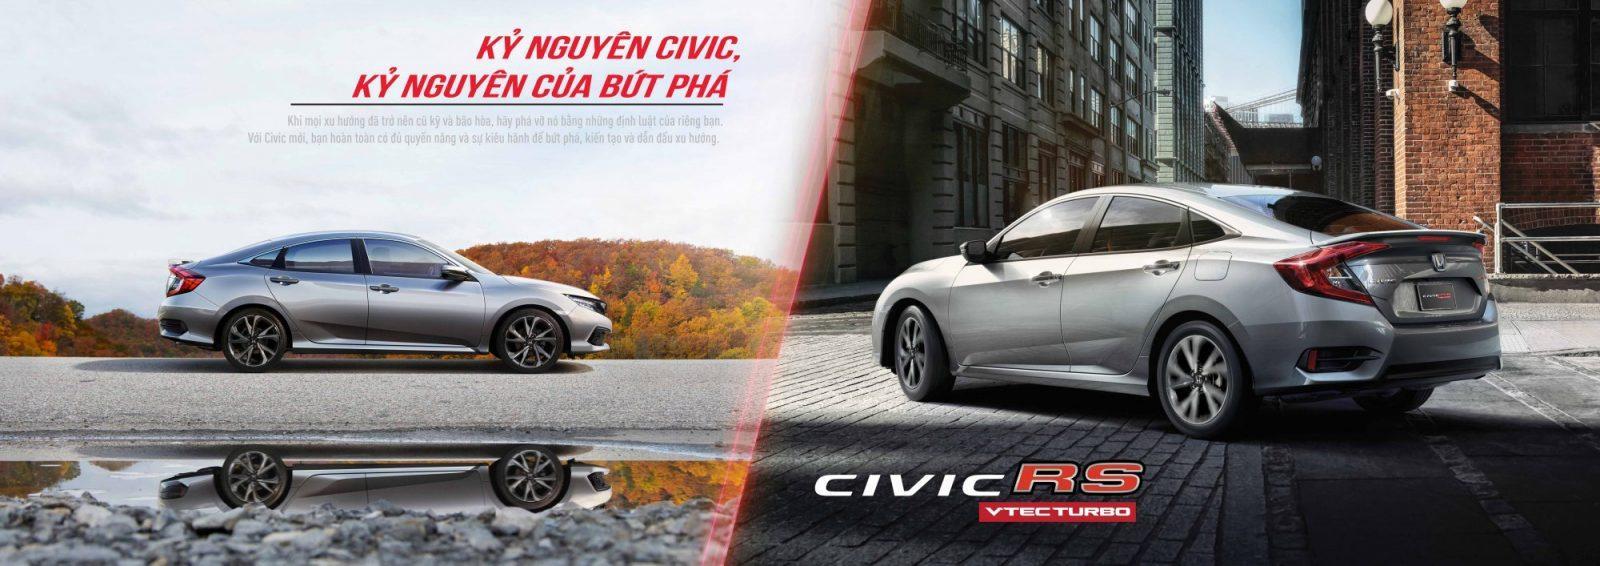 car-detail-civic-02.jpg